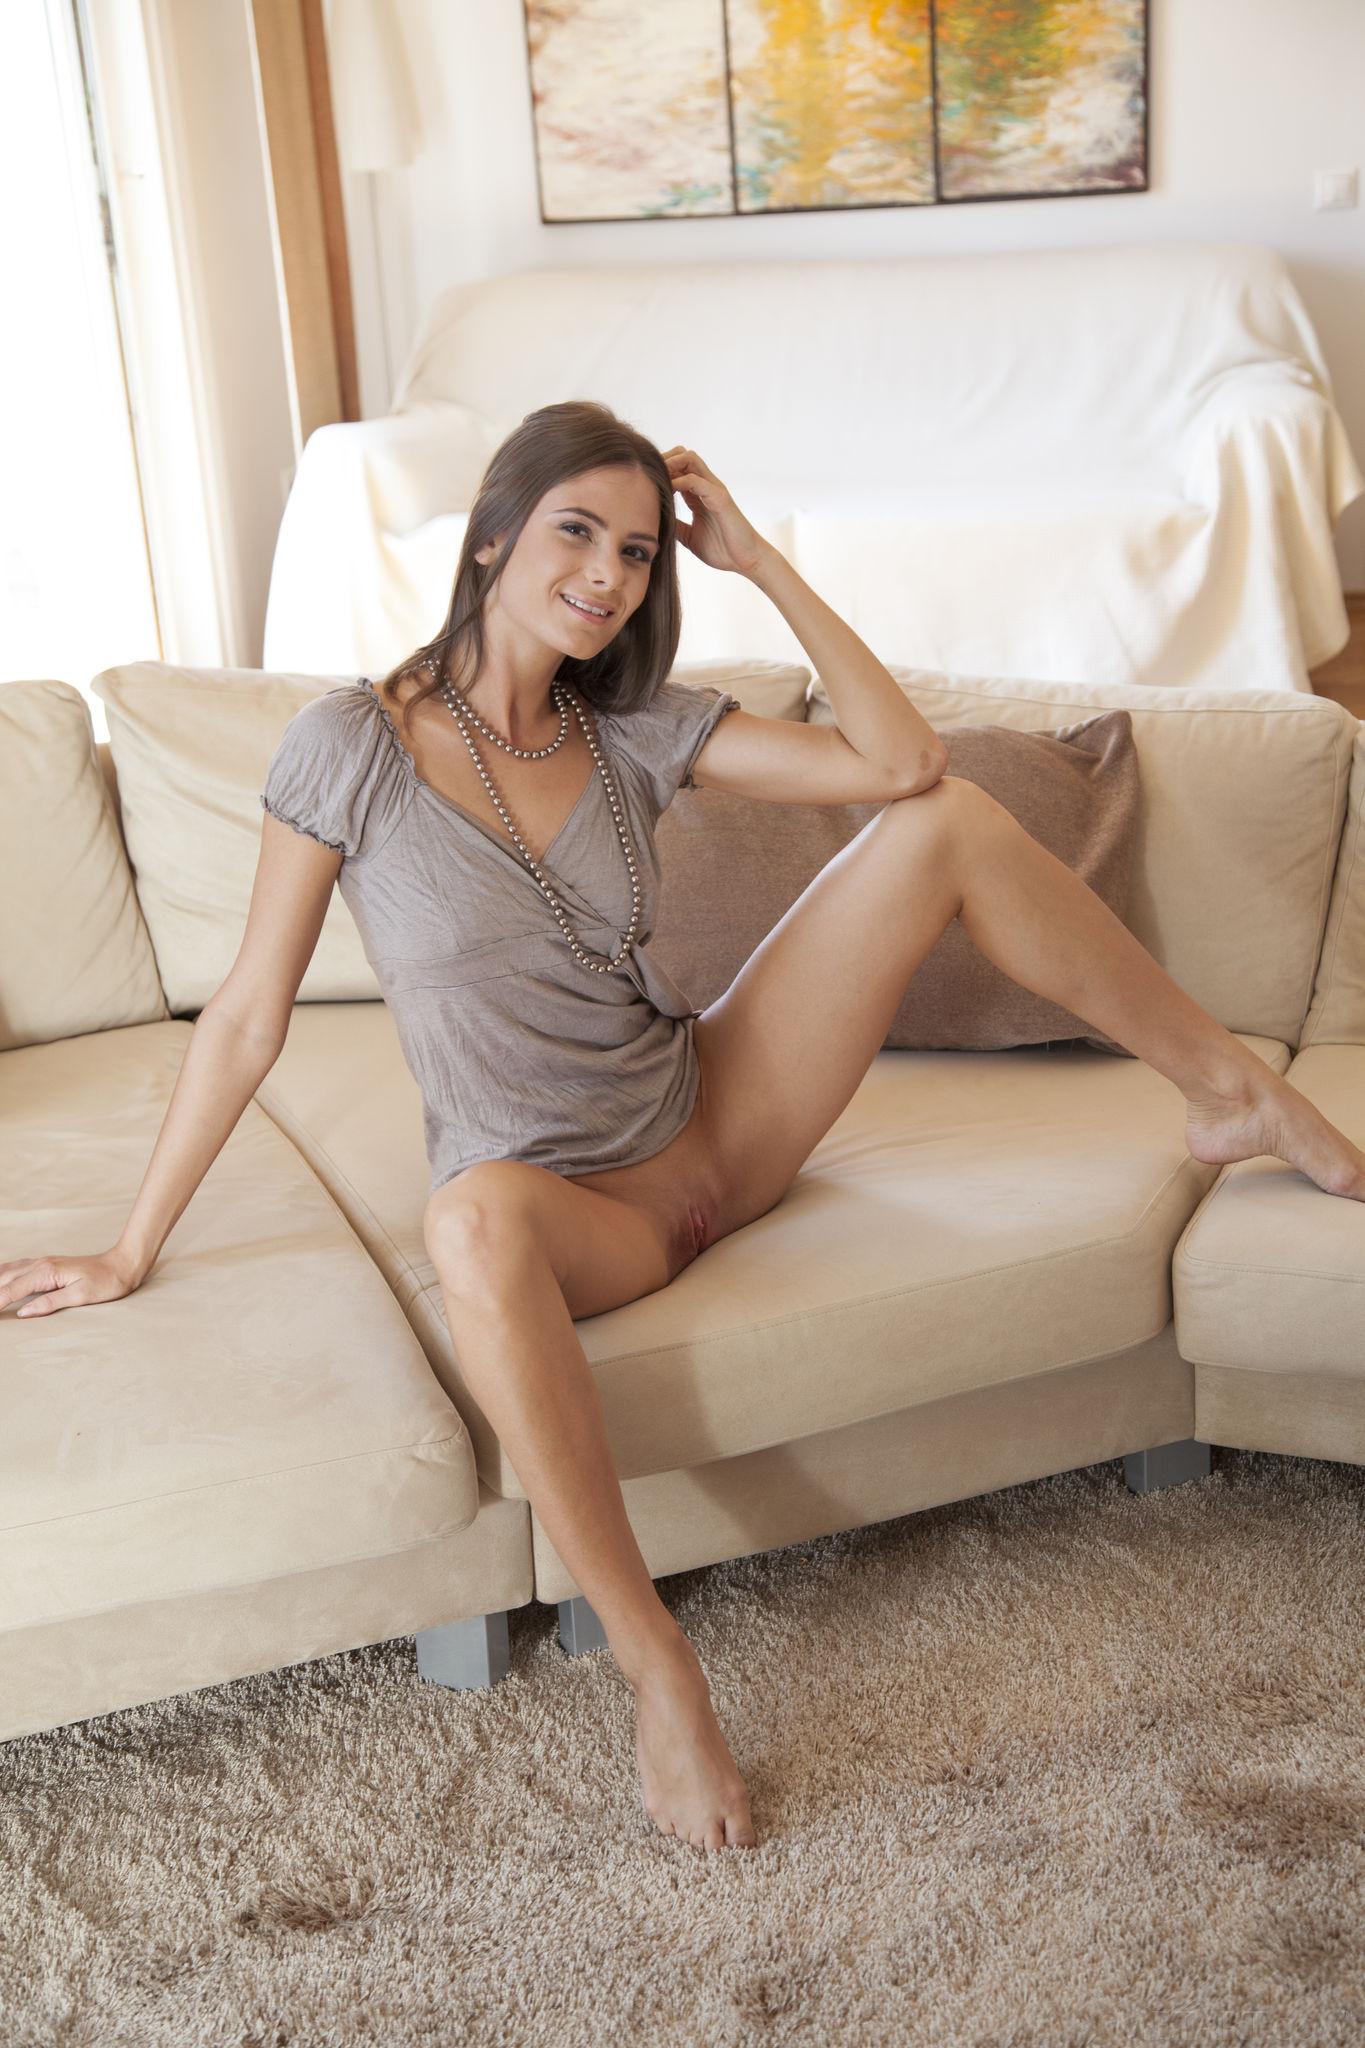 Фото голых девушек на диване 10 фотография